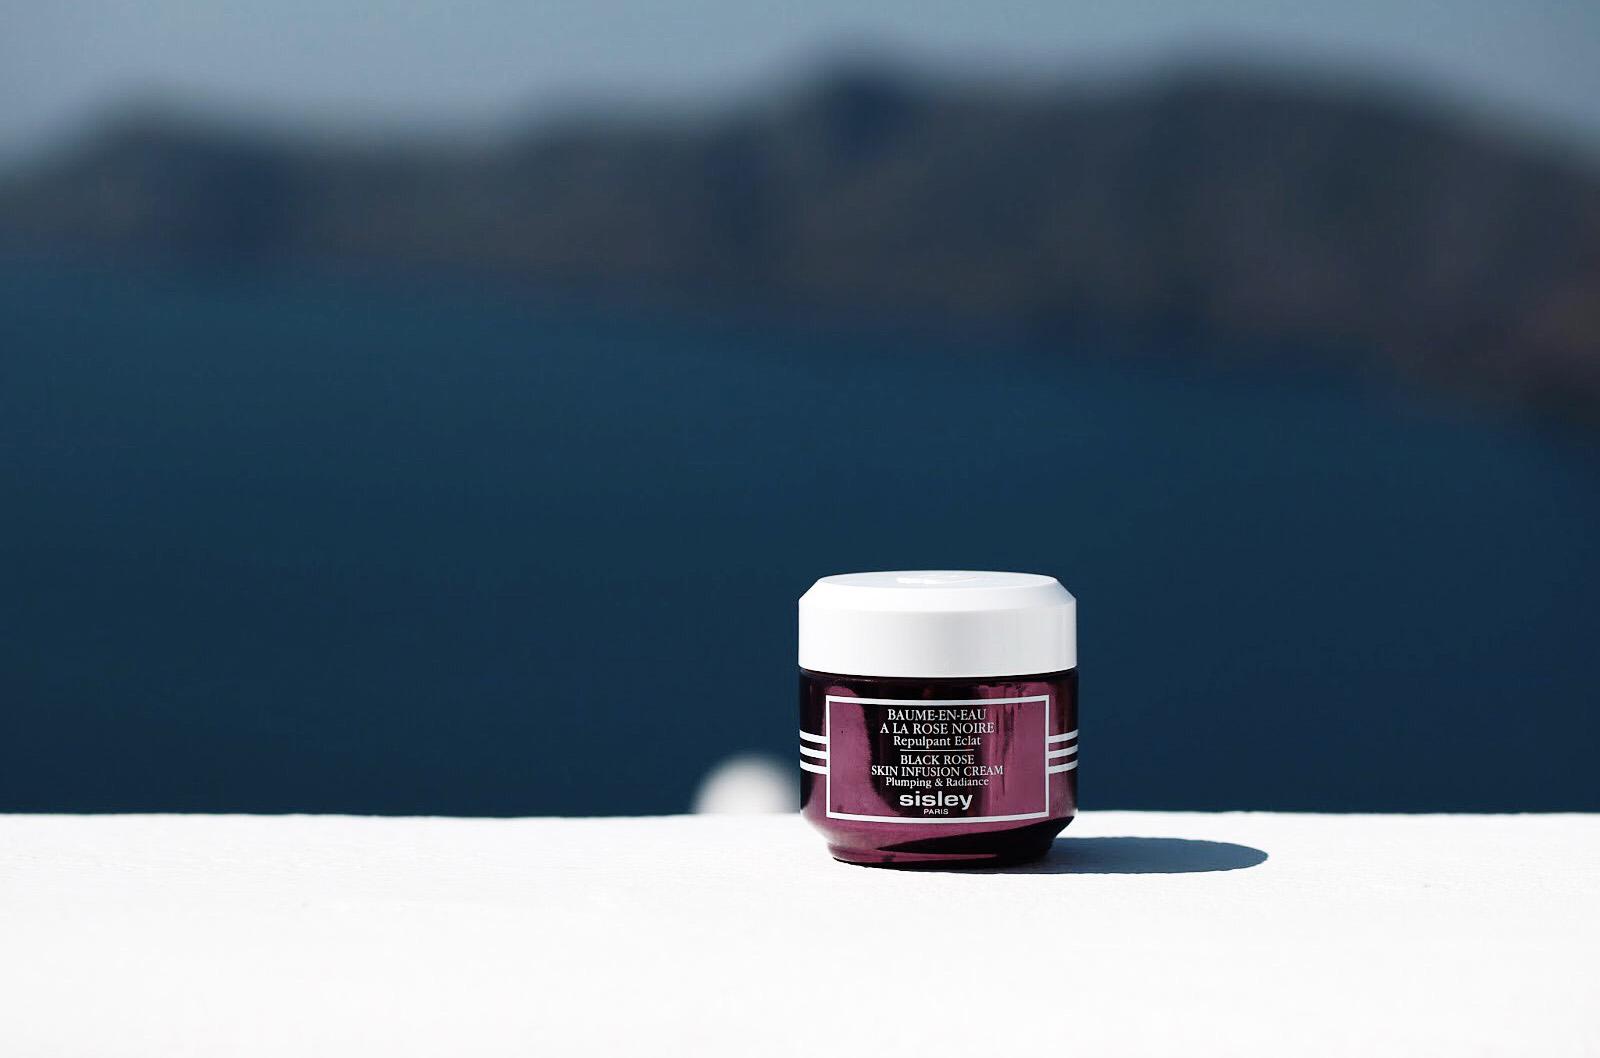 sisley baume en eau à la rose noire crème avis test